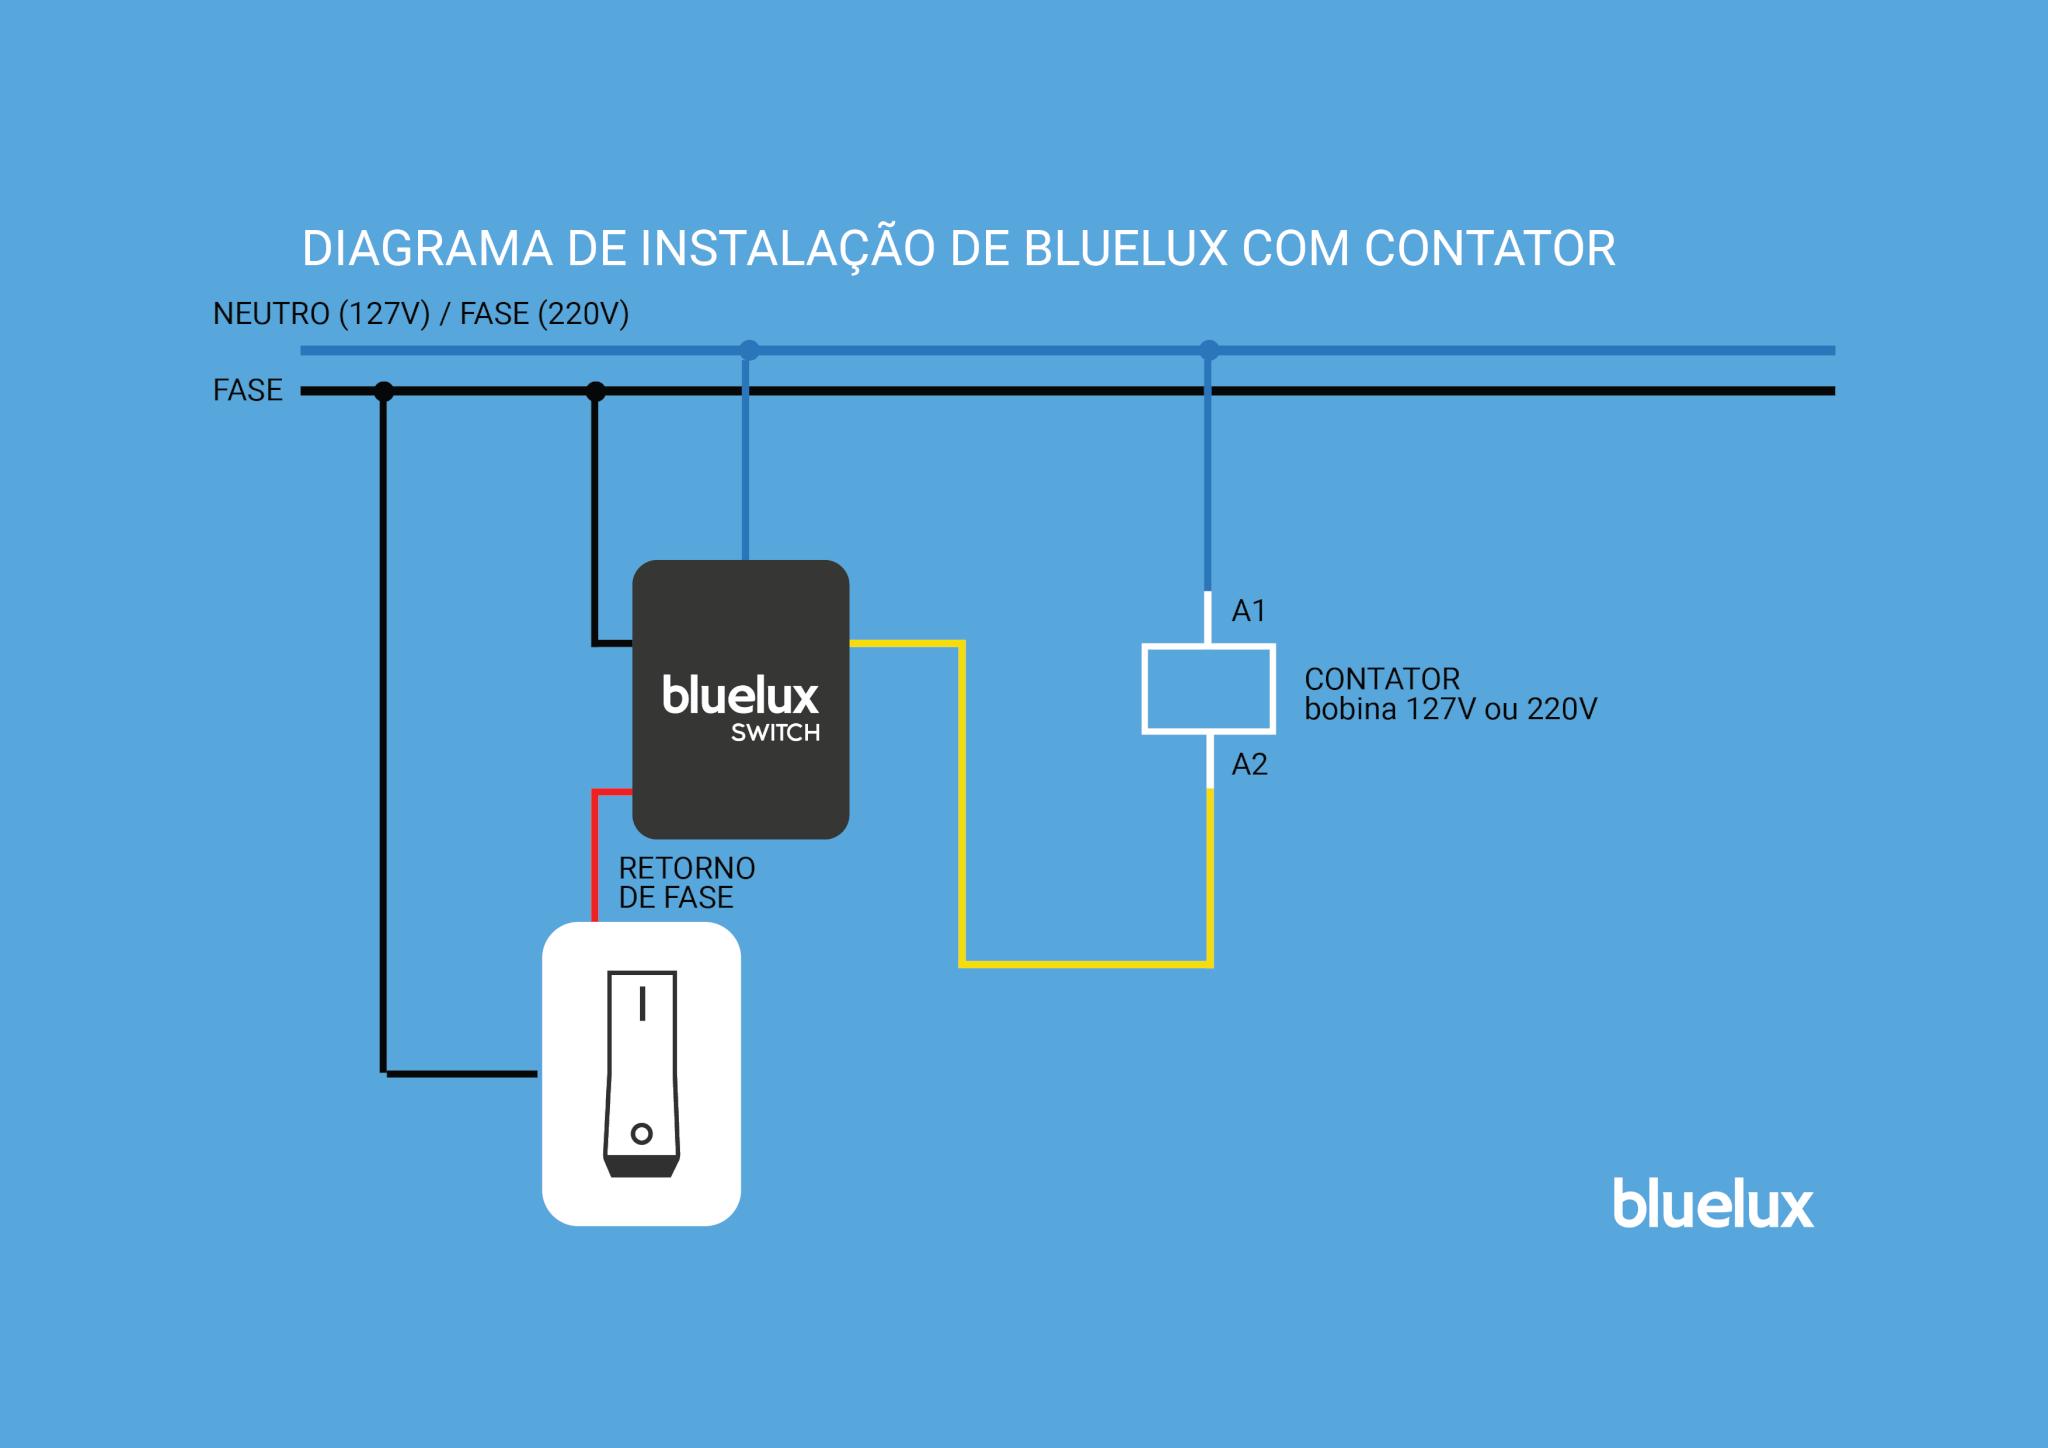 Instalação de Bluelux com contator